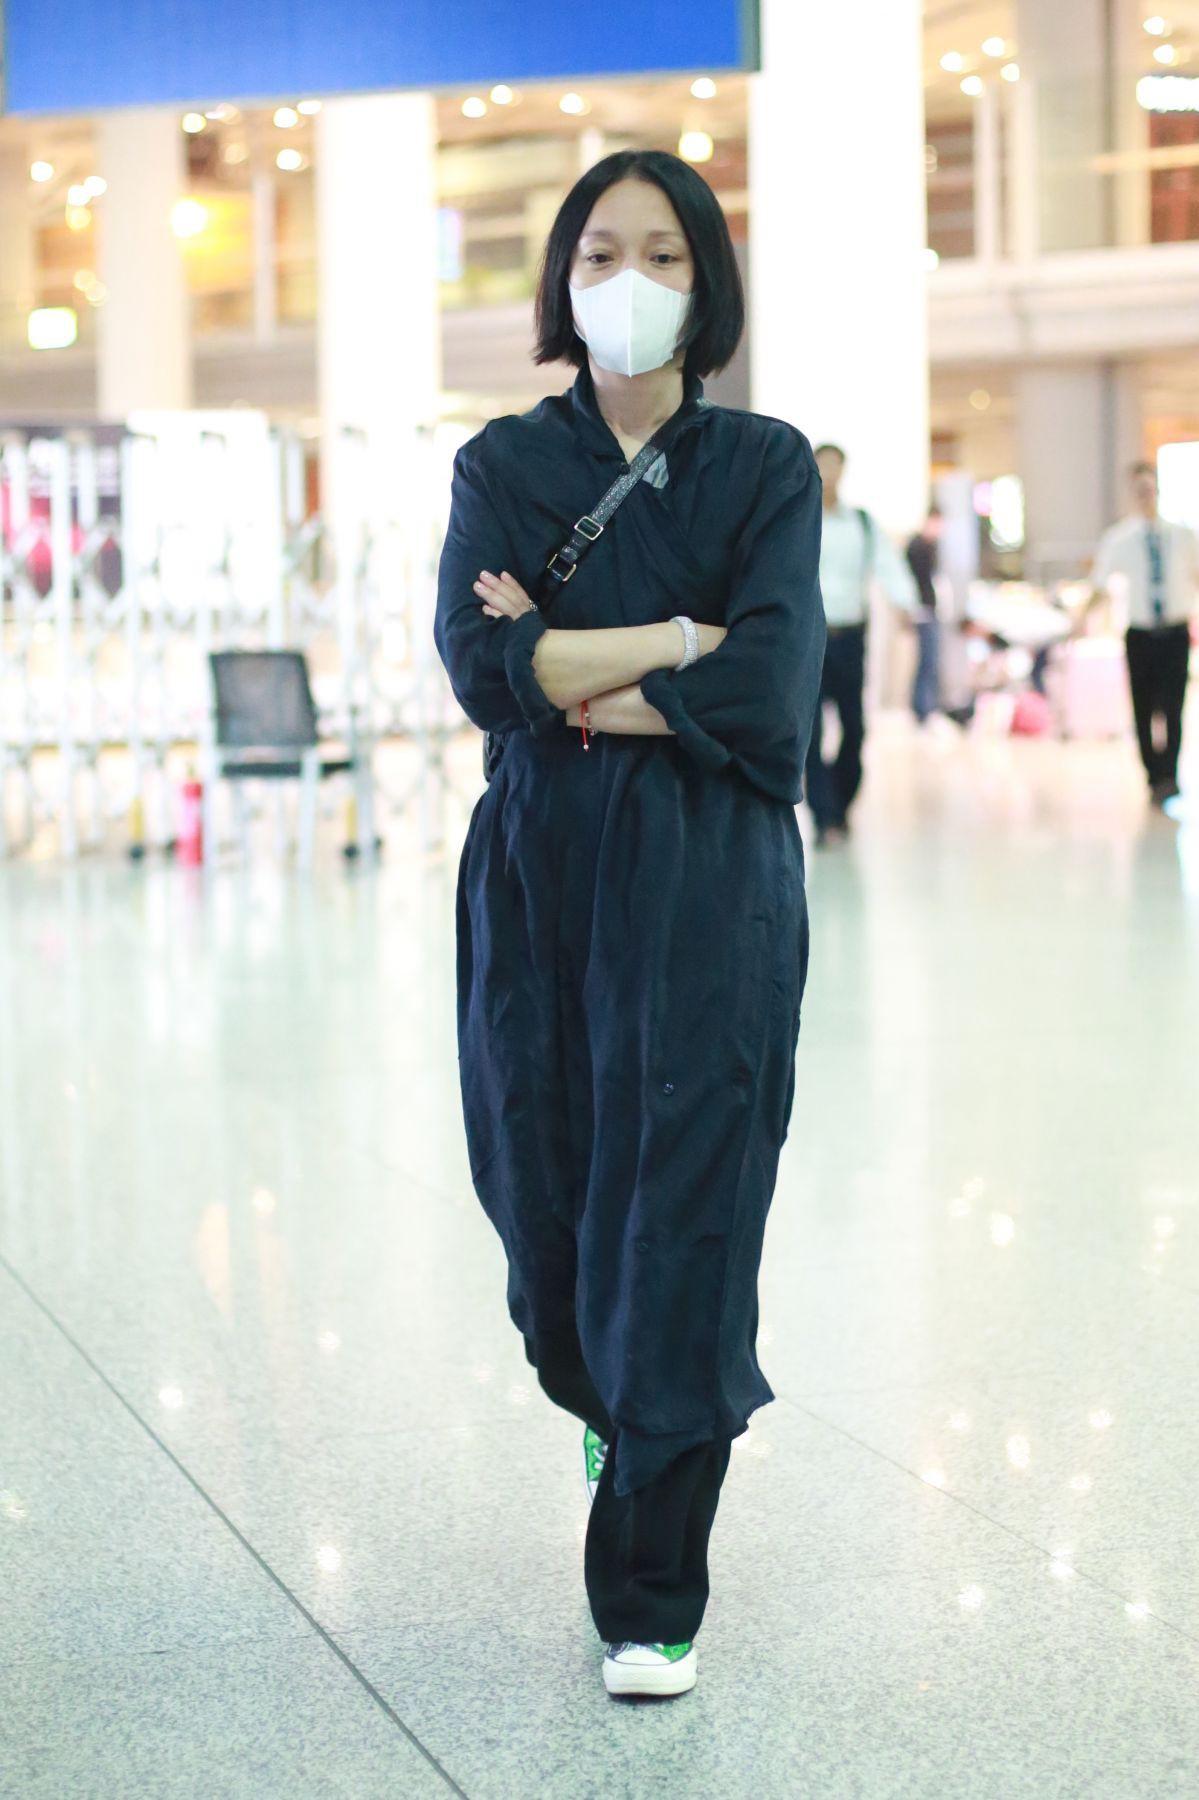 Giàu có và là đại hoa đán nhưng cứ ra sân bay, Châu Tấn sẽ chẳng màng hình tượng mà diện đồ xuề xòa thế này - Ảnh 6.